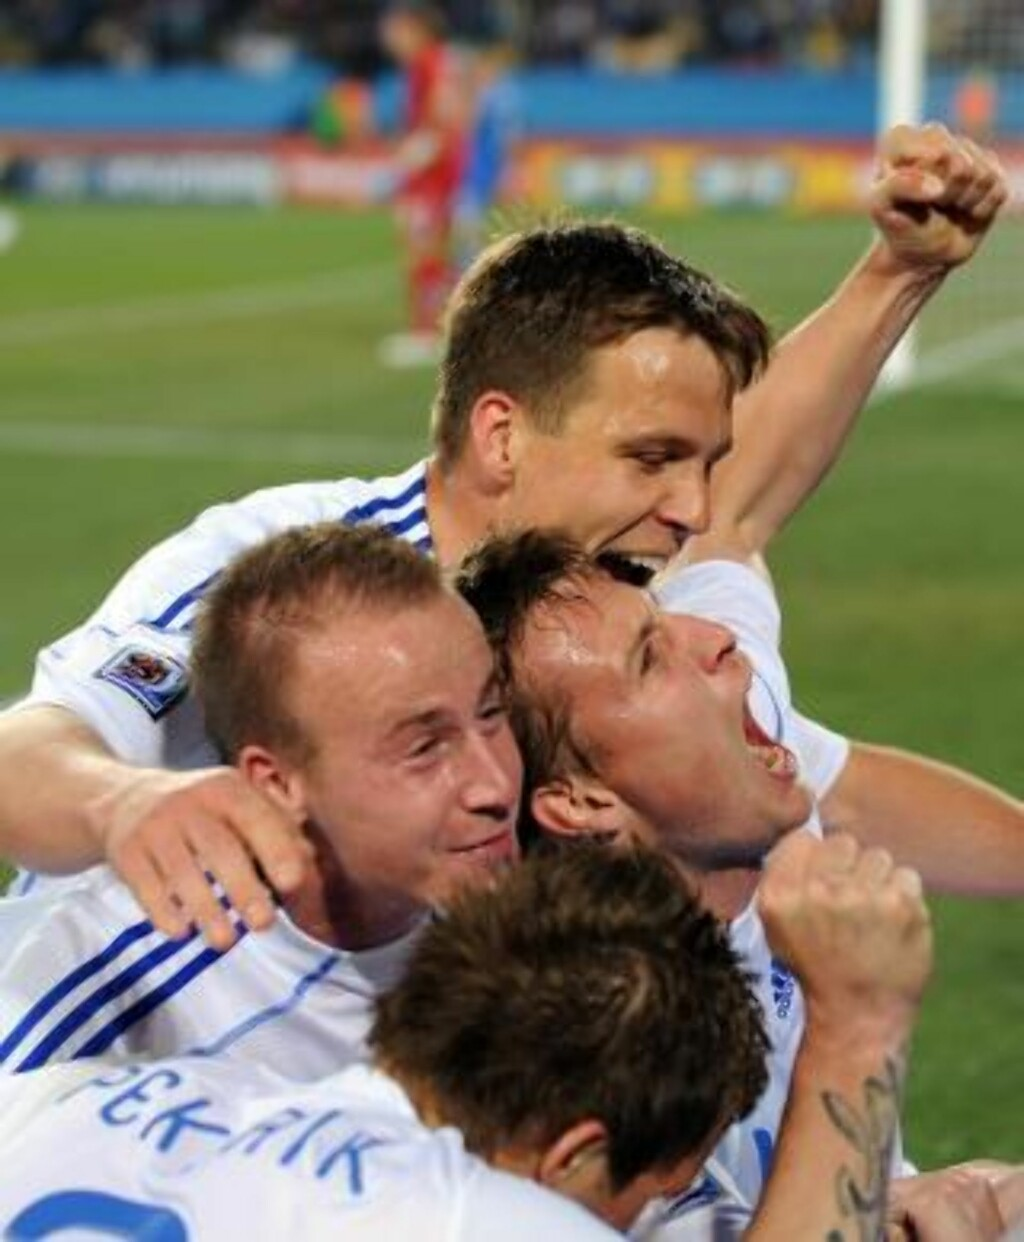 VIDERE TIL SLUTTSPILLER: Slovakia-spillerne jubler etter å ha scoret 3-1 målet. Foto: EPA/GEORGI LICOVSKI